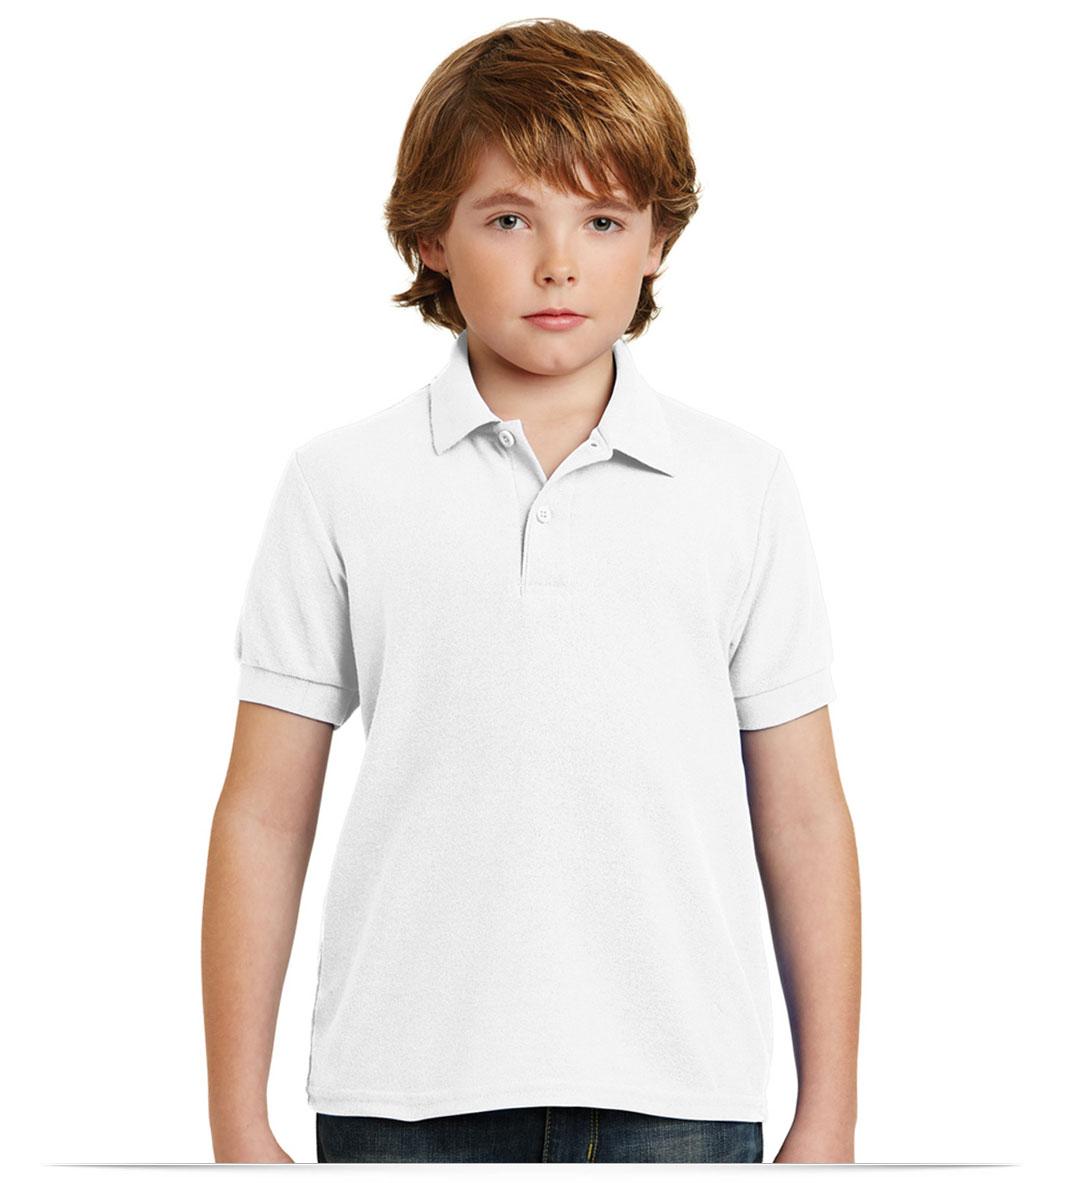 Customize Gildan Youth DryBlend Pique Sport Shirt